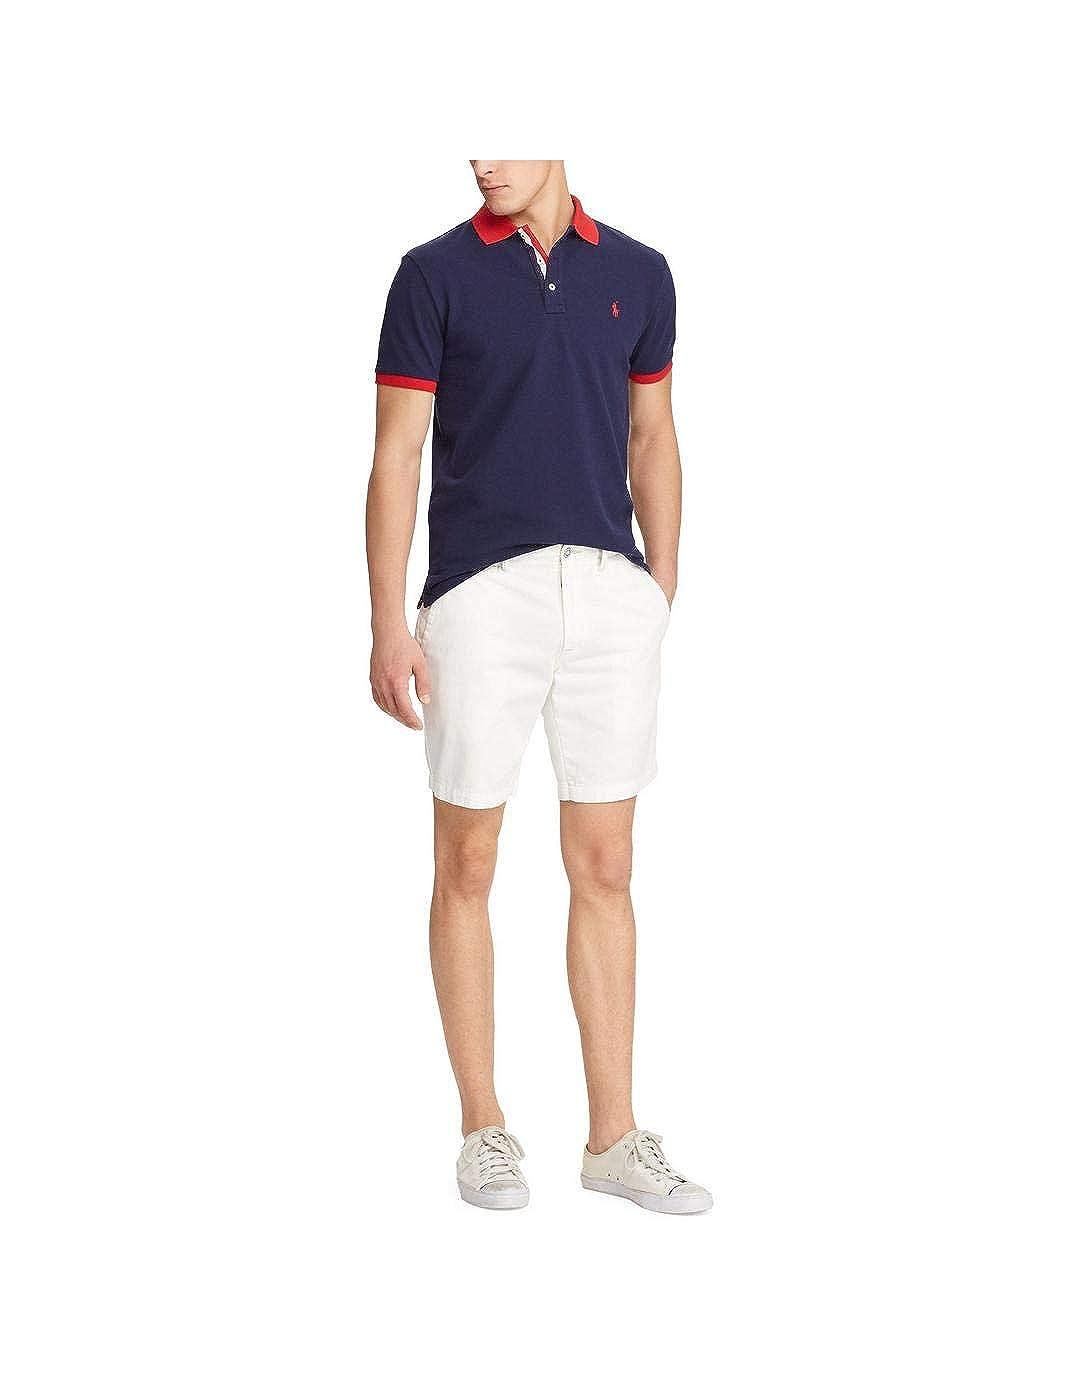 Polo Ralph Lauren Maglia hommes Mod. 710-752591 bleu Navy XXL